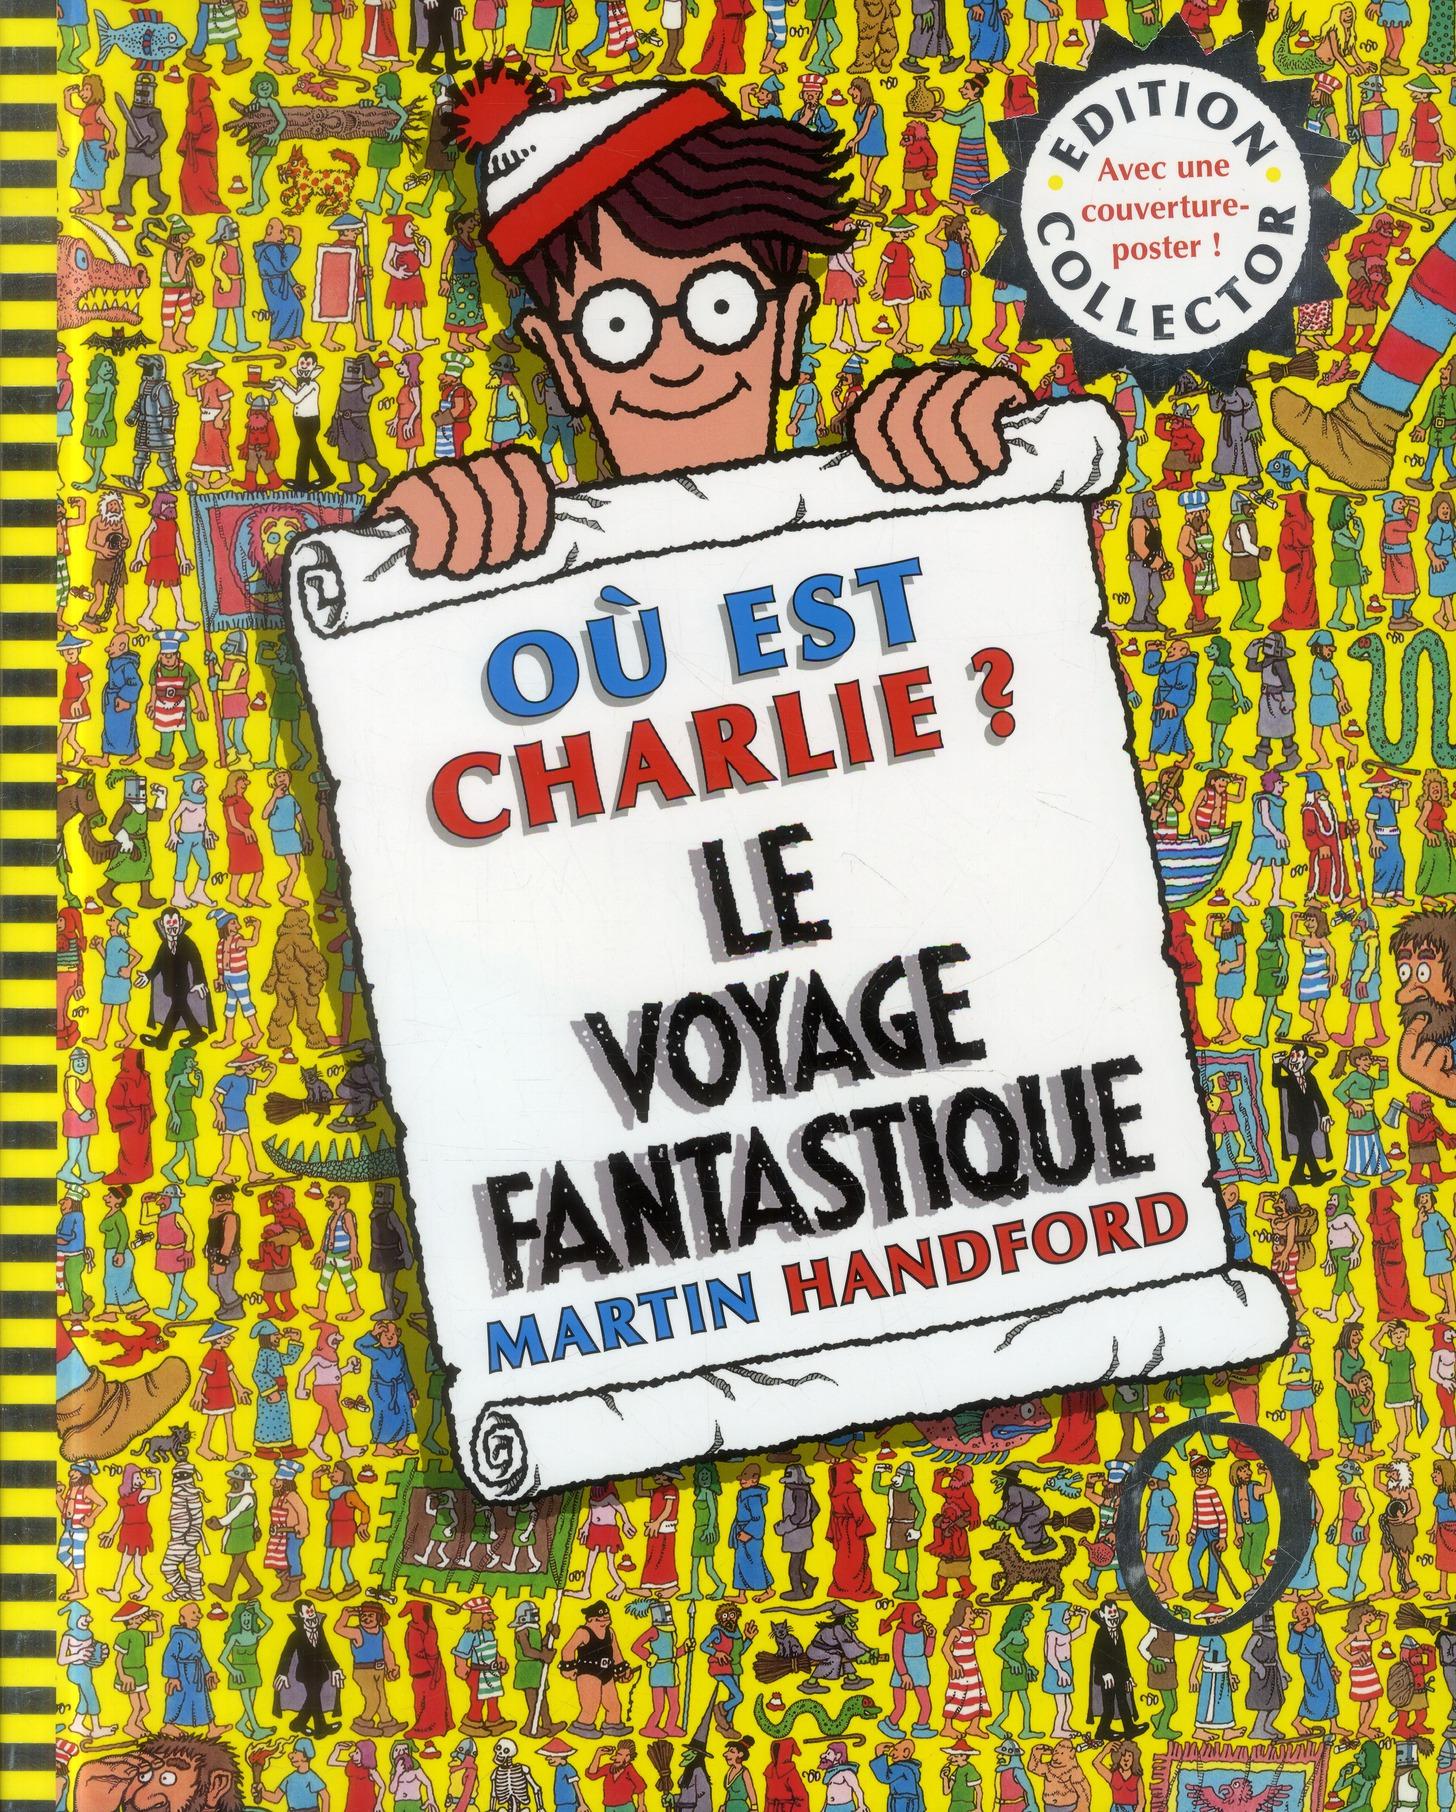 Ou Est Charlie? Le Voyage Fantastique